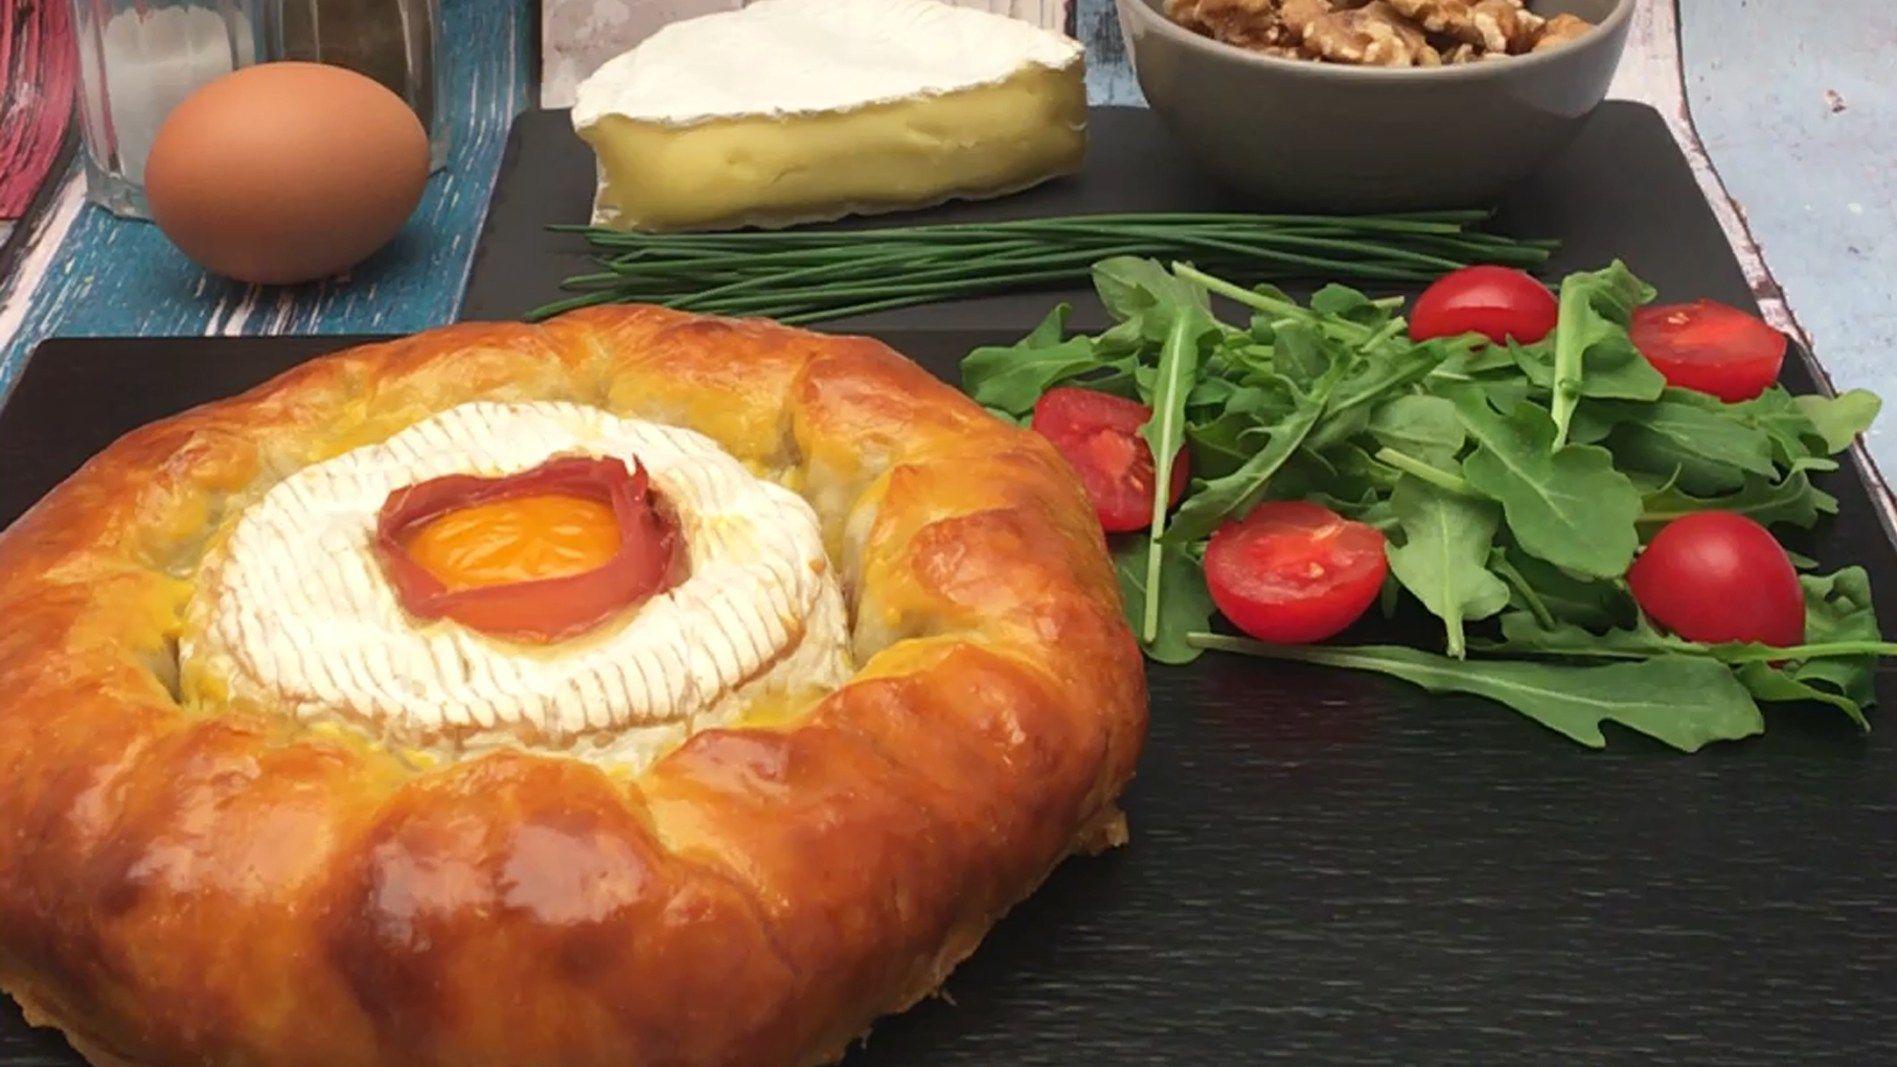 Couronne Camembert La Recette De Recette Camenbert Recette